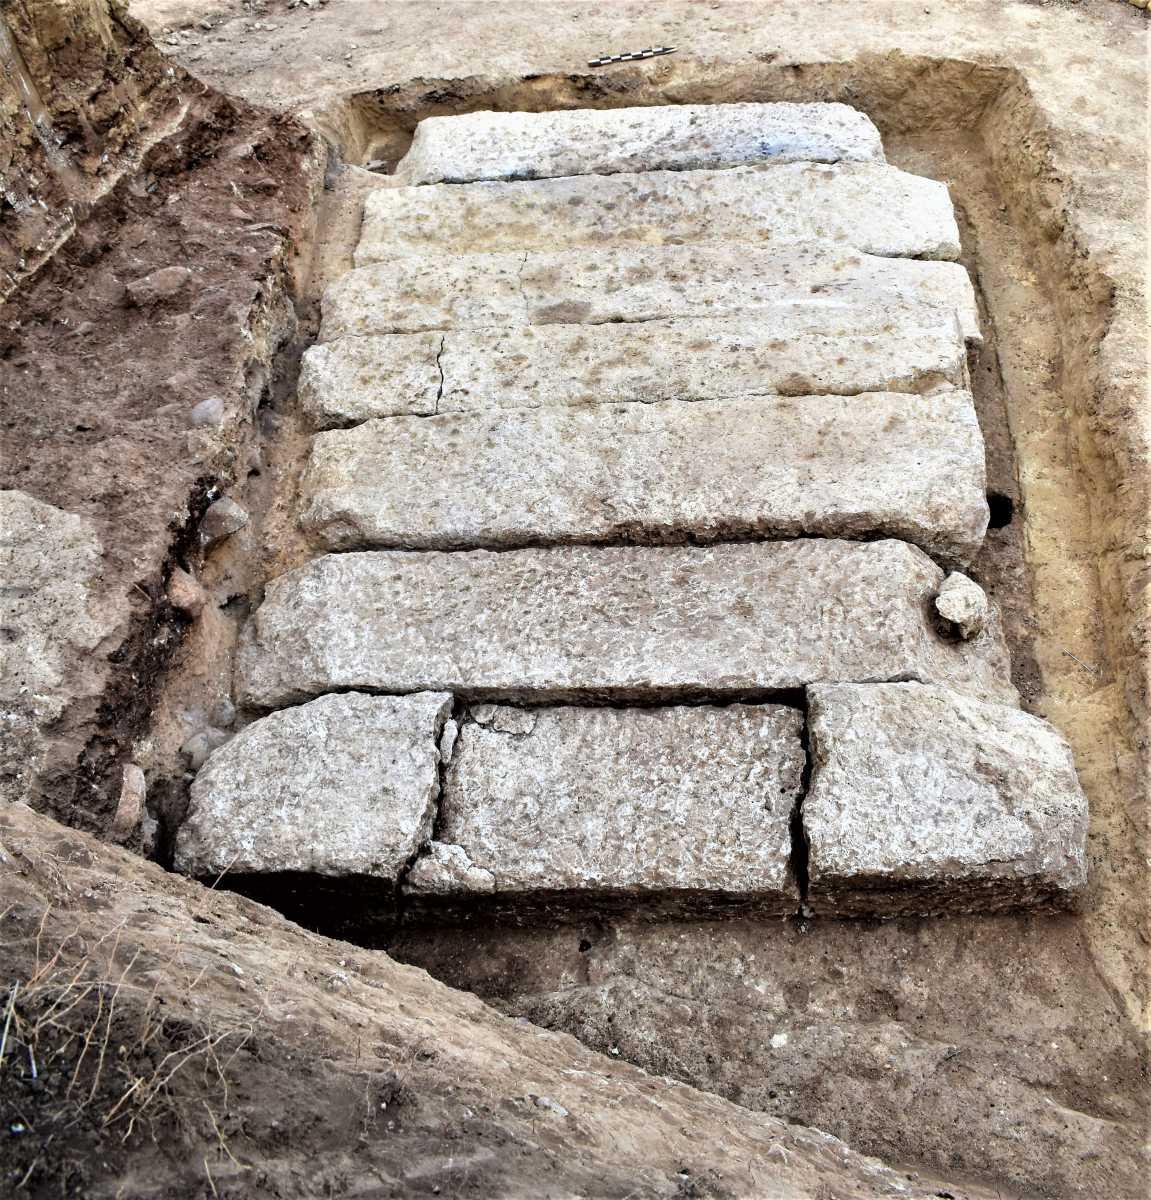 Σπουδαία αρχαιολογική ανακάλυψη στο Κιλκίς – Βρέθηκε τάφος αριστοκράτη του 4ου π.Χ. αιώνα